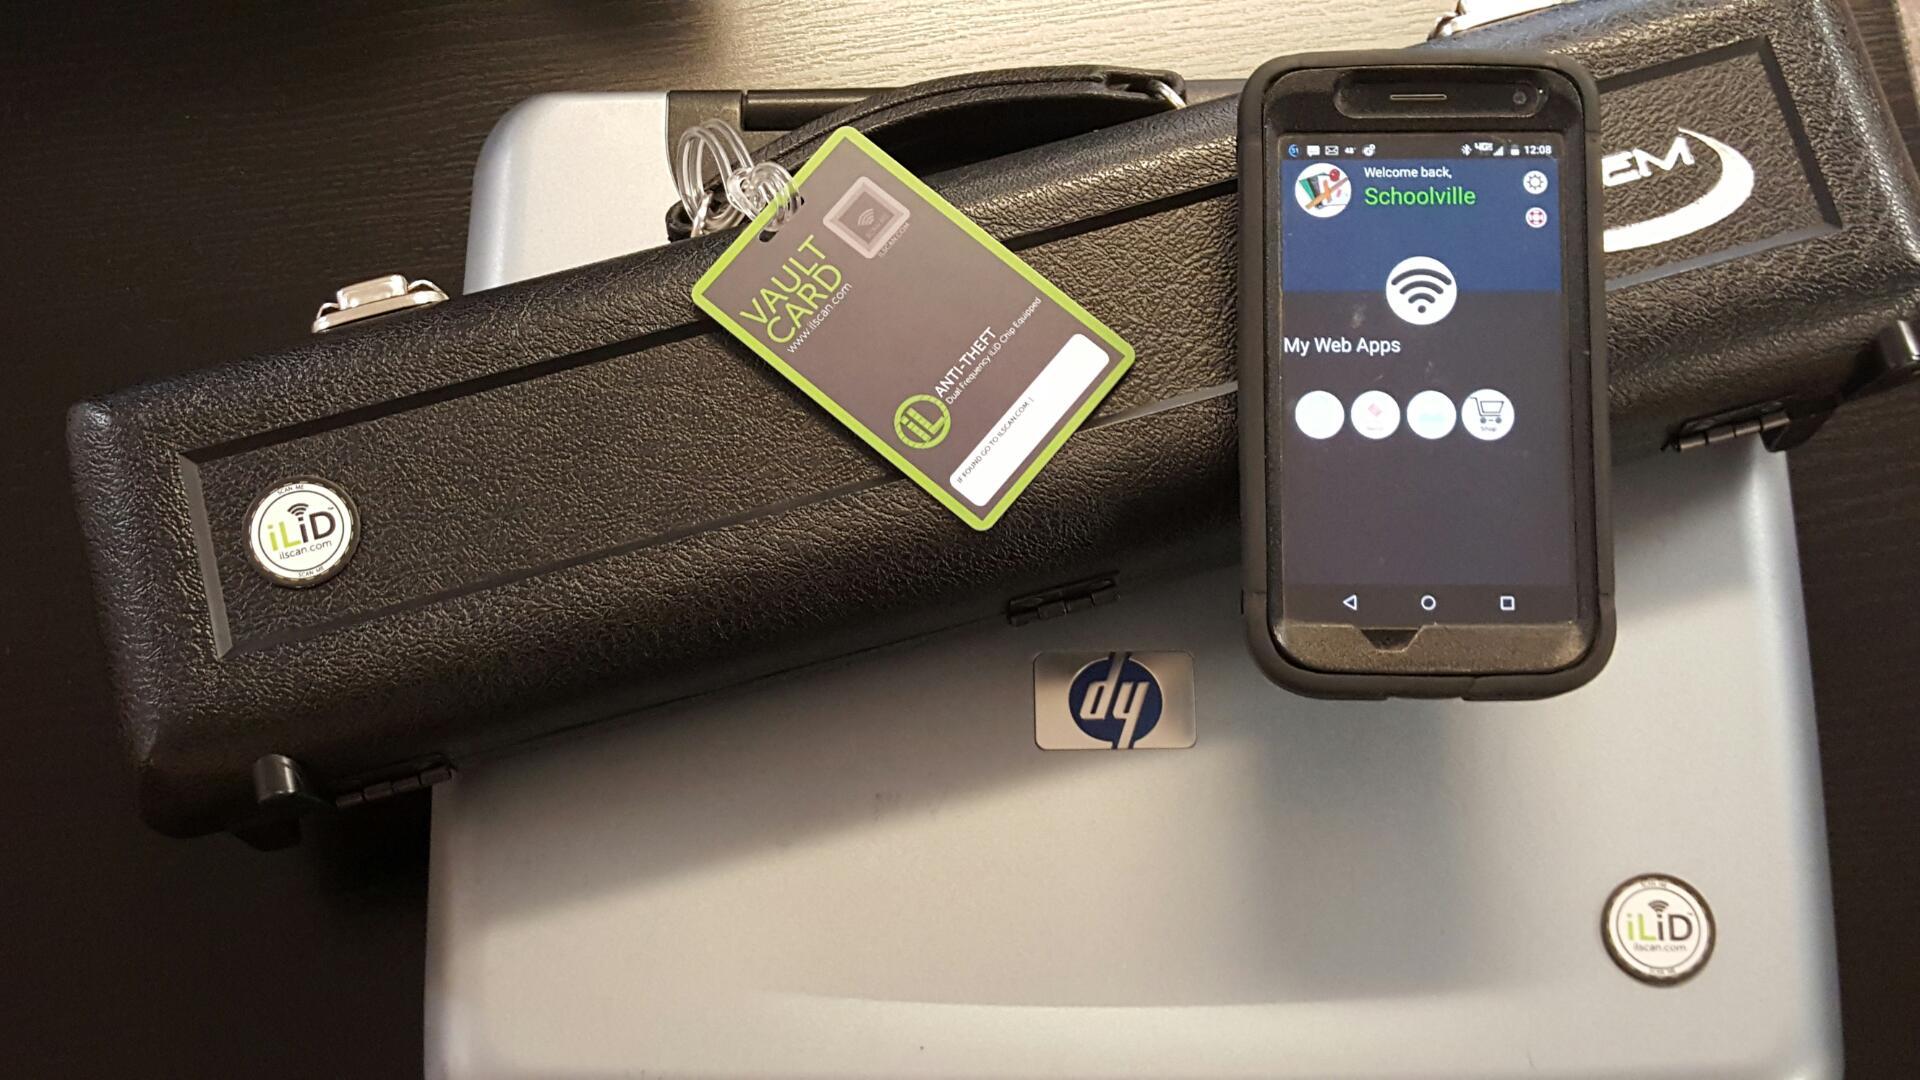 ilid tags on flute